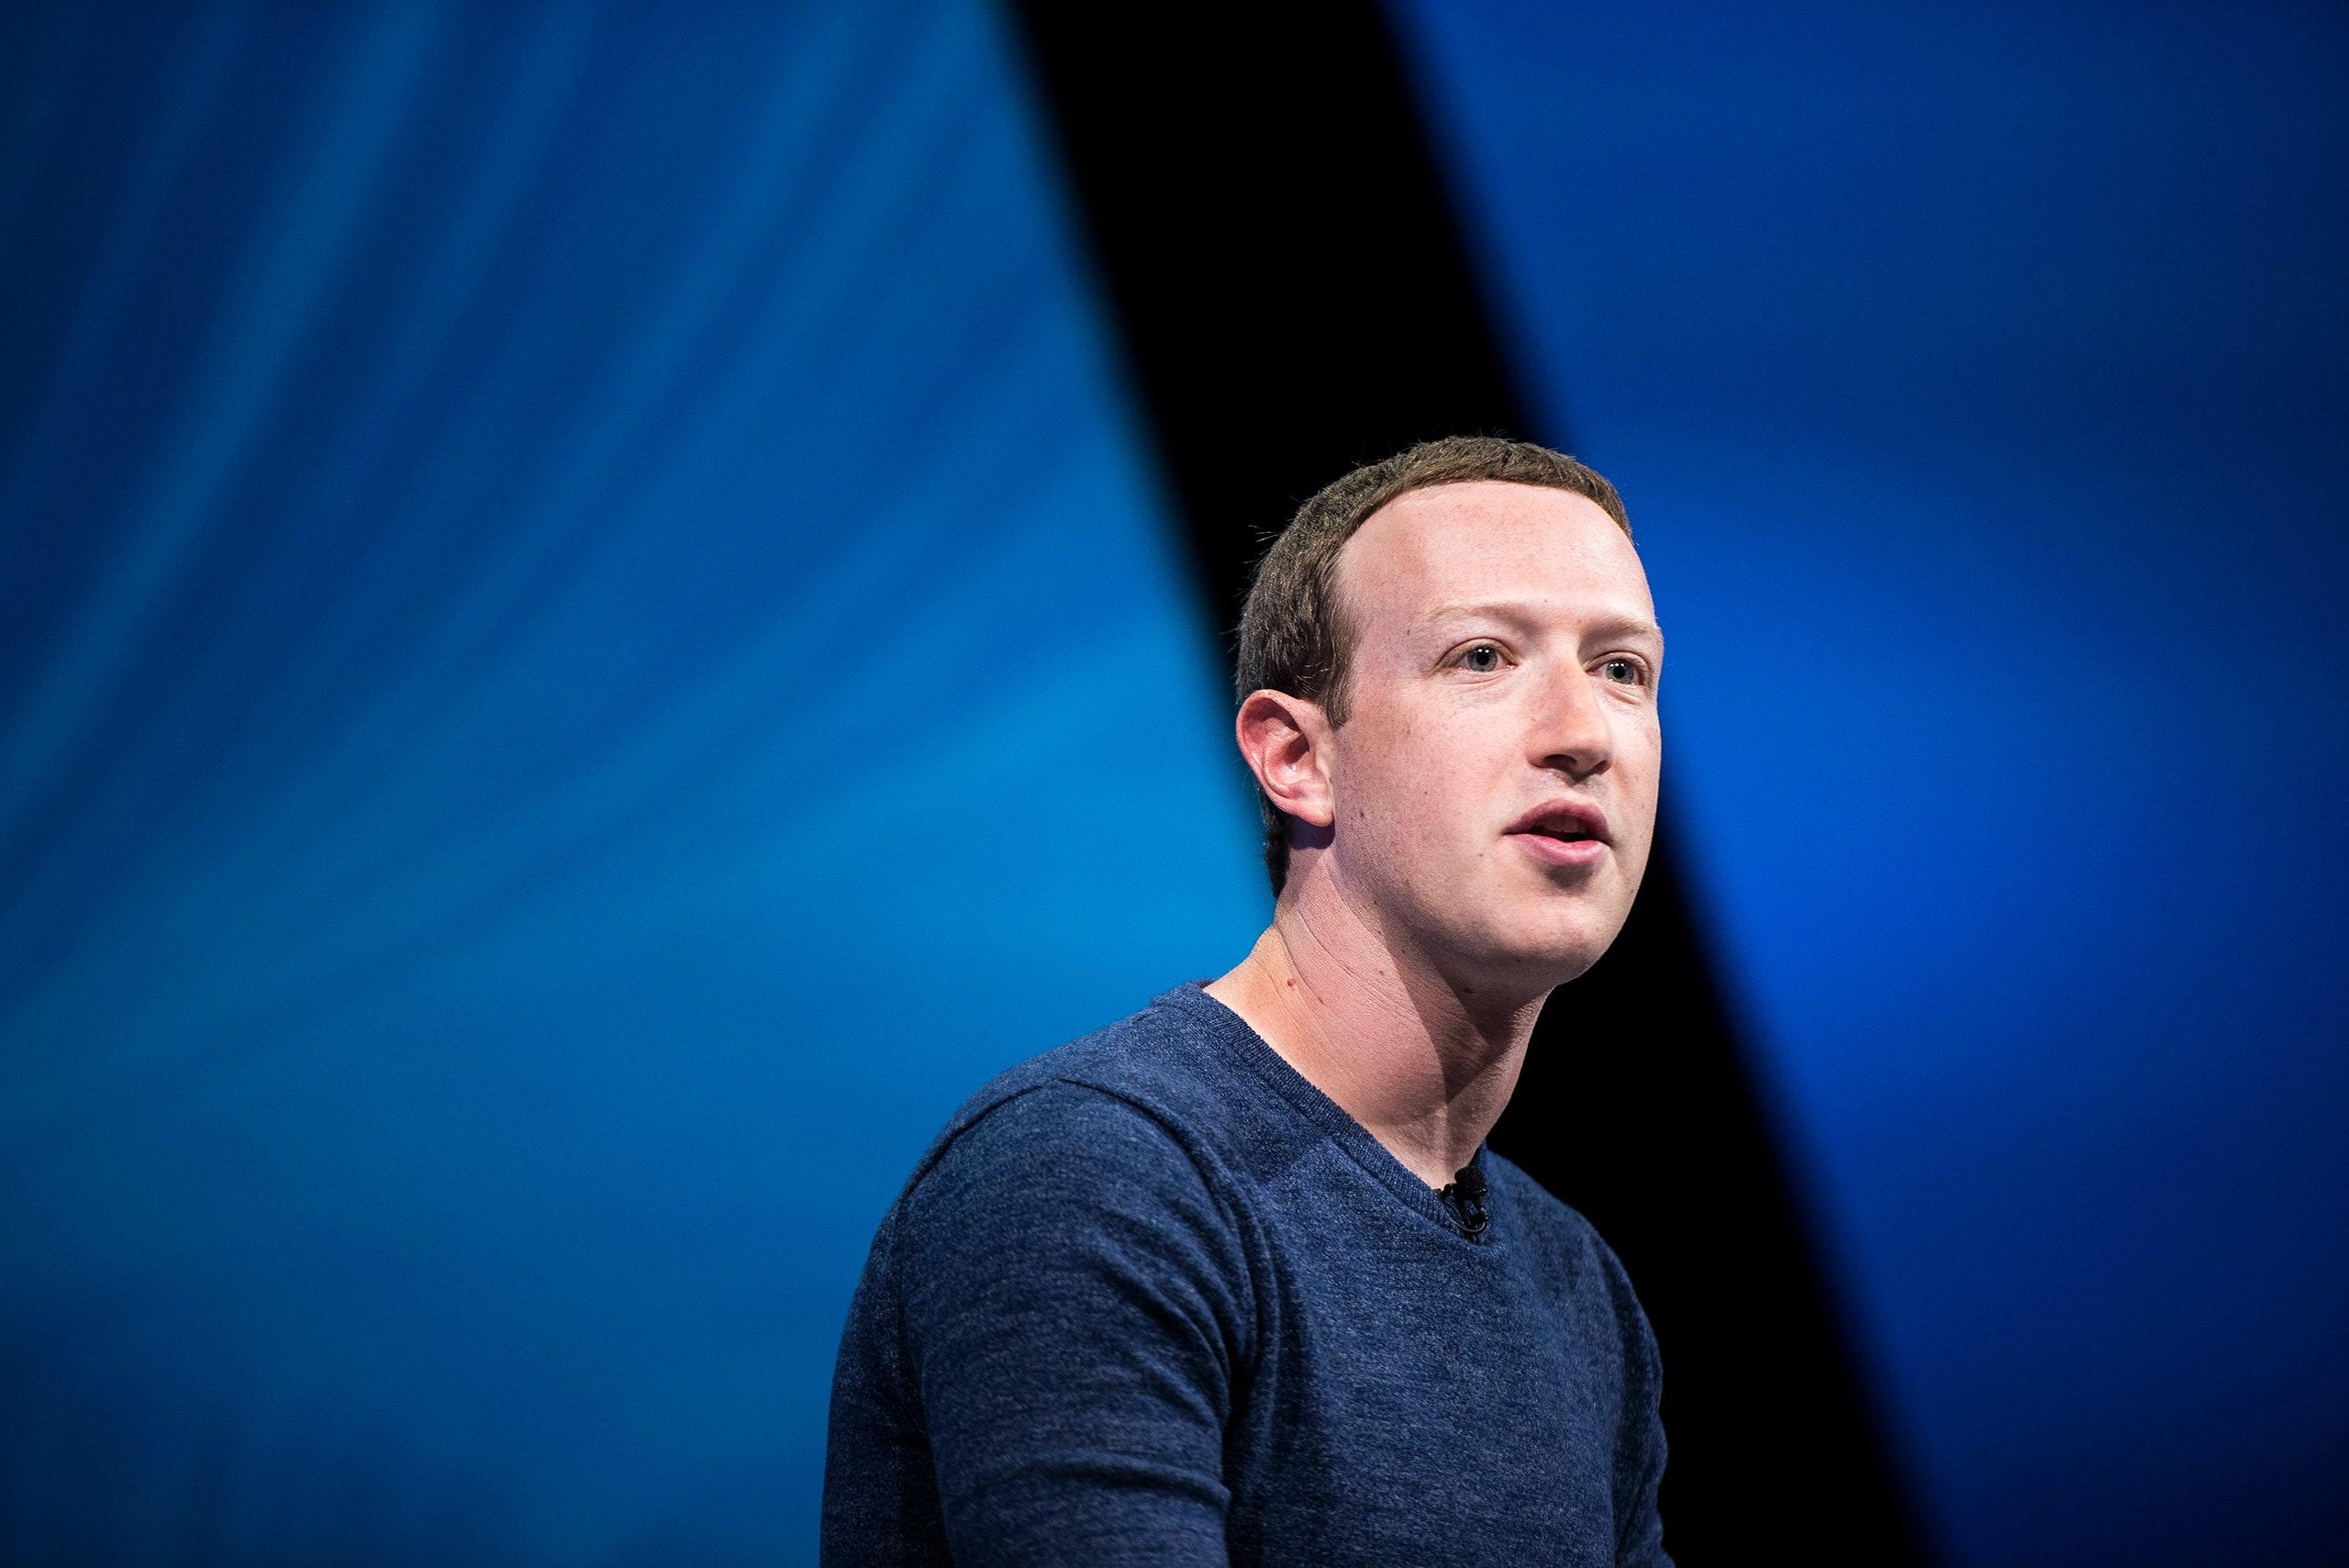 Цукерберг хочет превратить Facebook в сетевую «метавселенную»